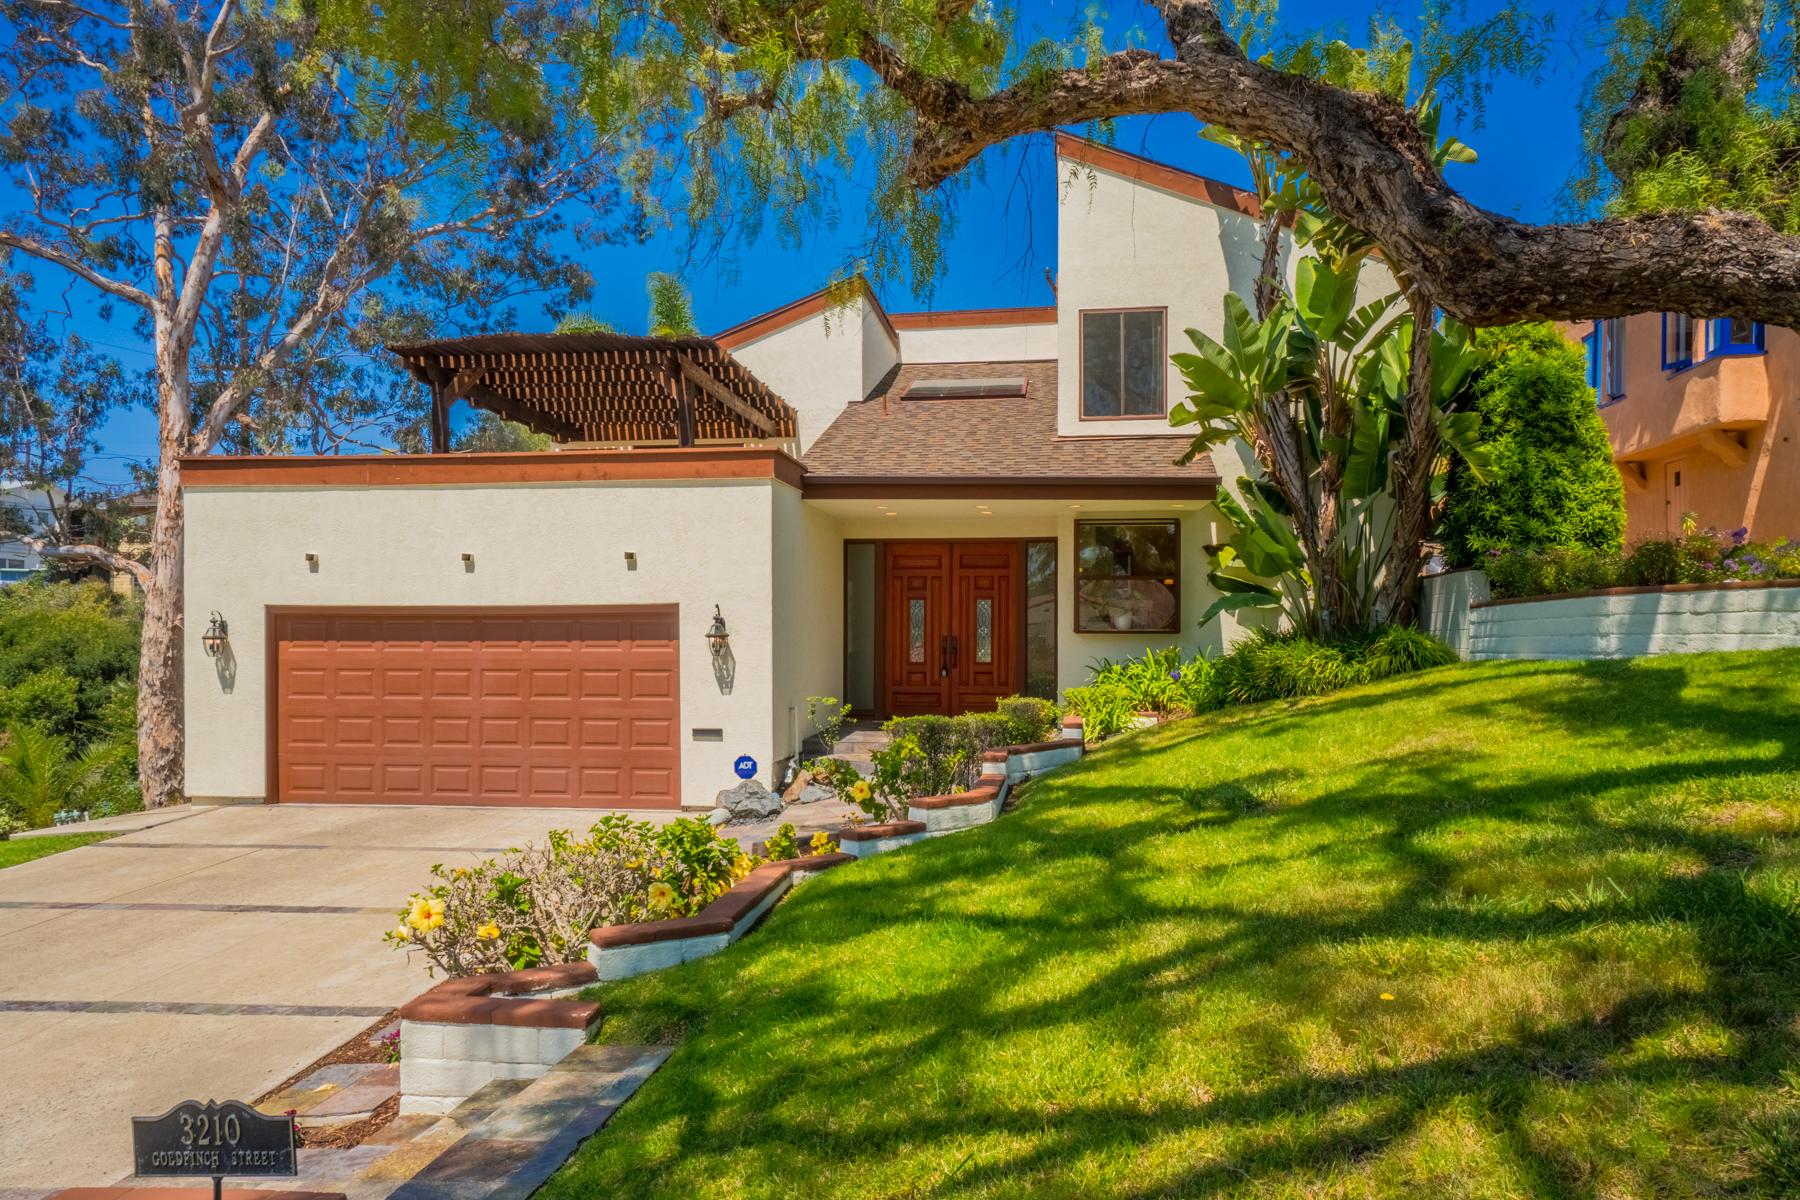 一戸建て のために 売買 アット 3210 Goldfinch Street Mission Hills, San Diego, カリフォルニア, 92103 アメリカ合衆国